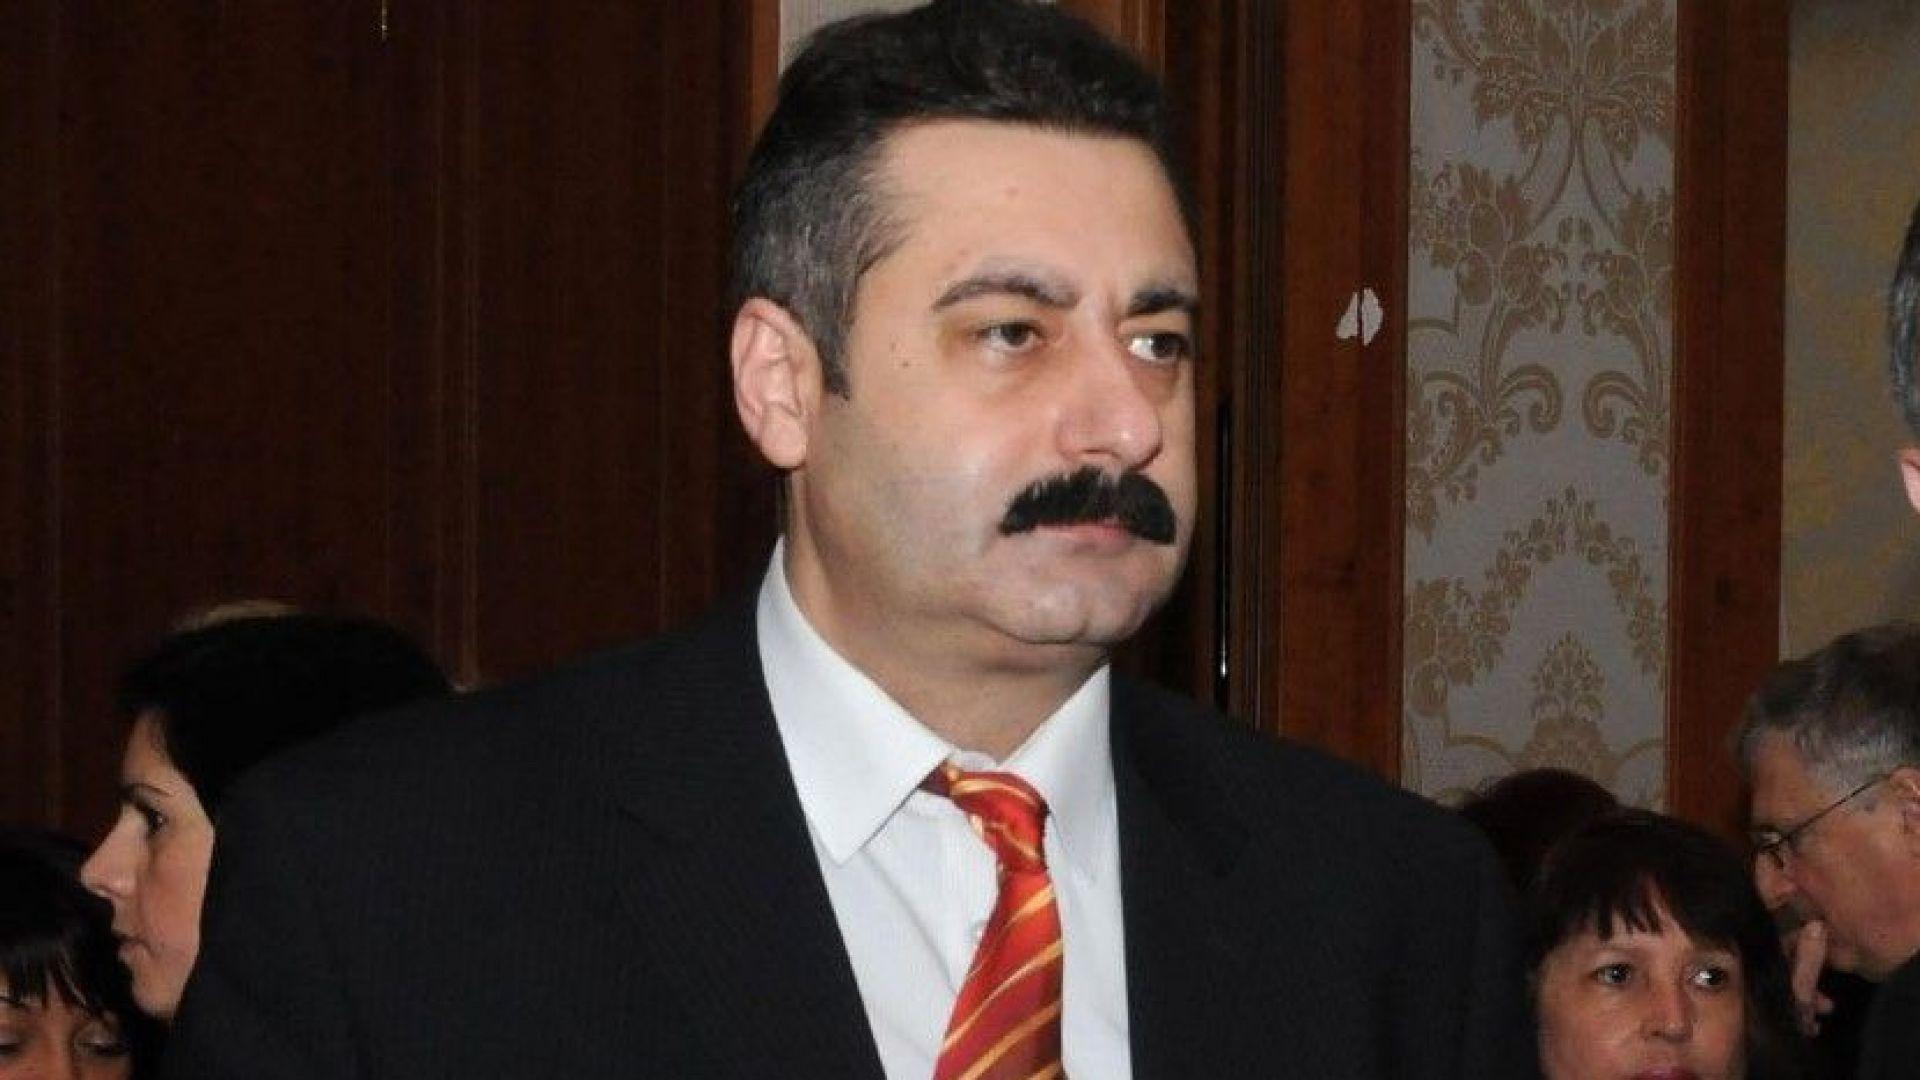 Съдът намали с 50 000 лв. обезщетението на оправдан бивш министър